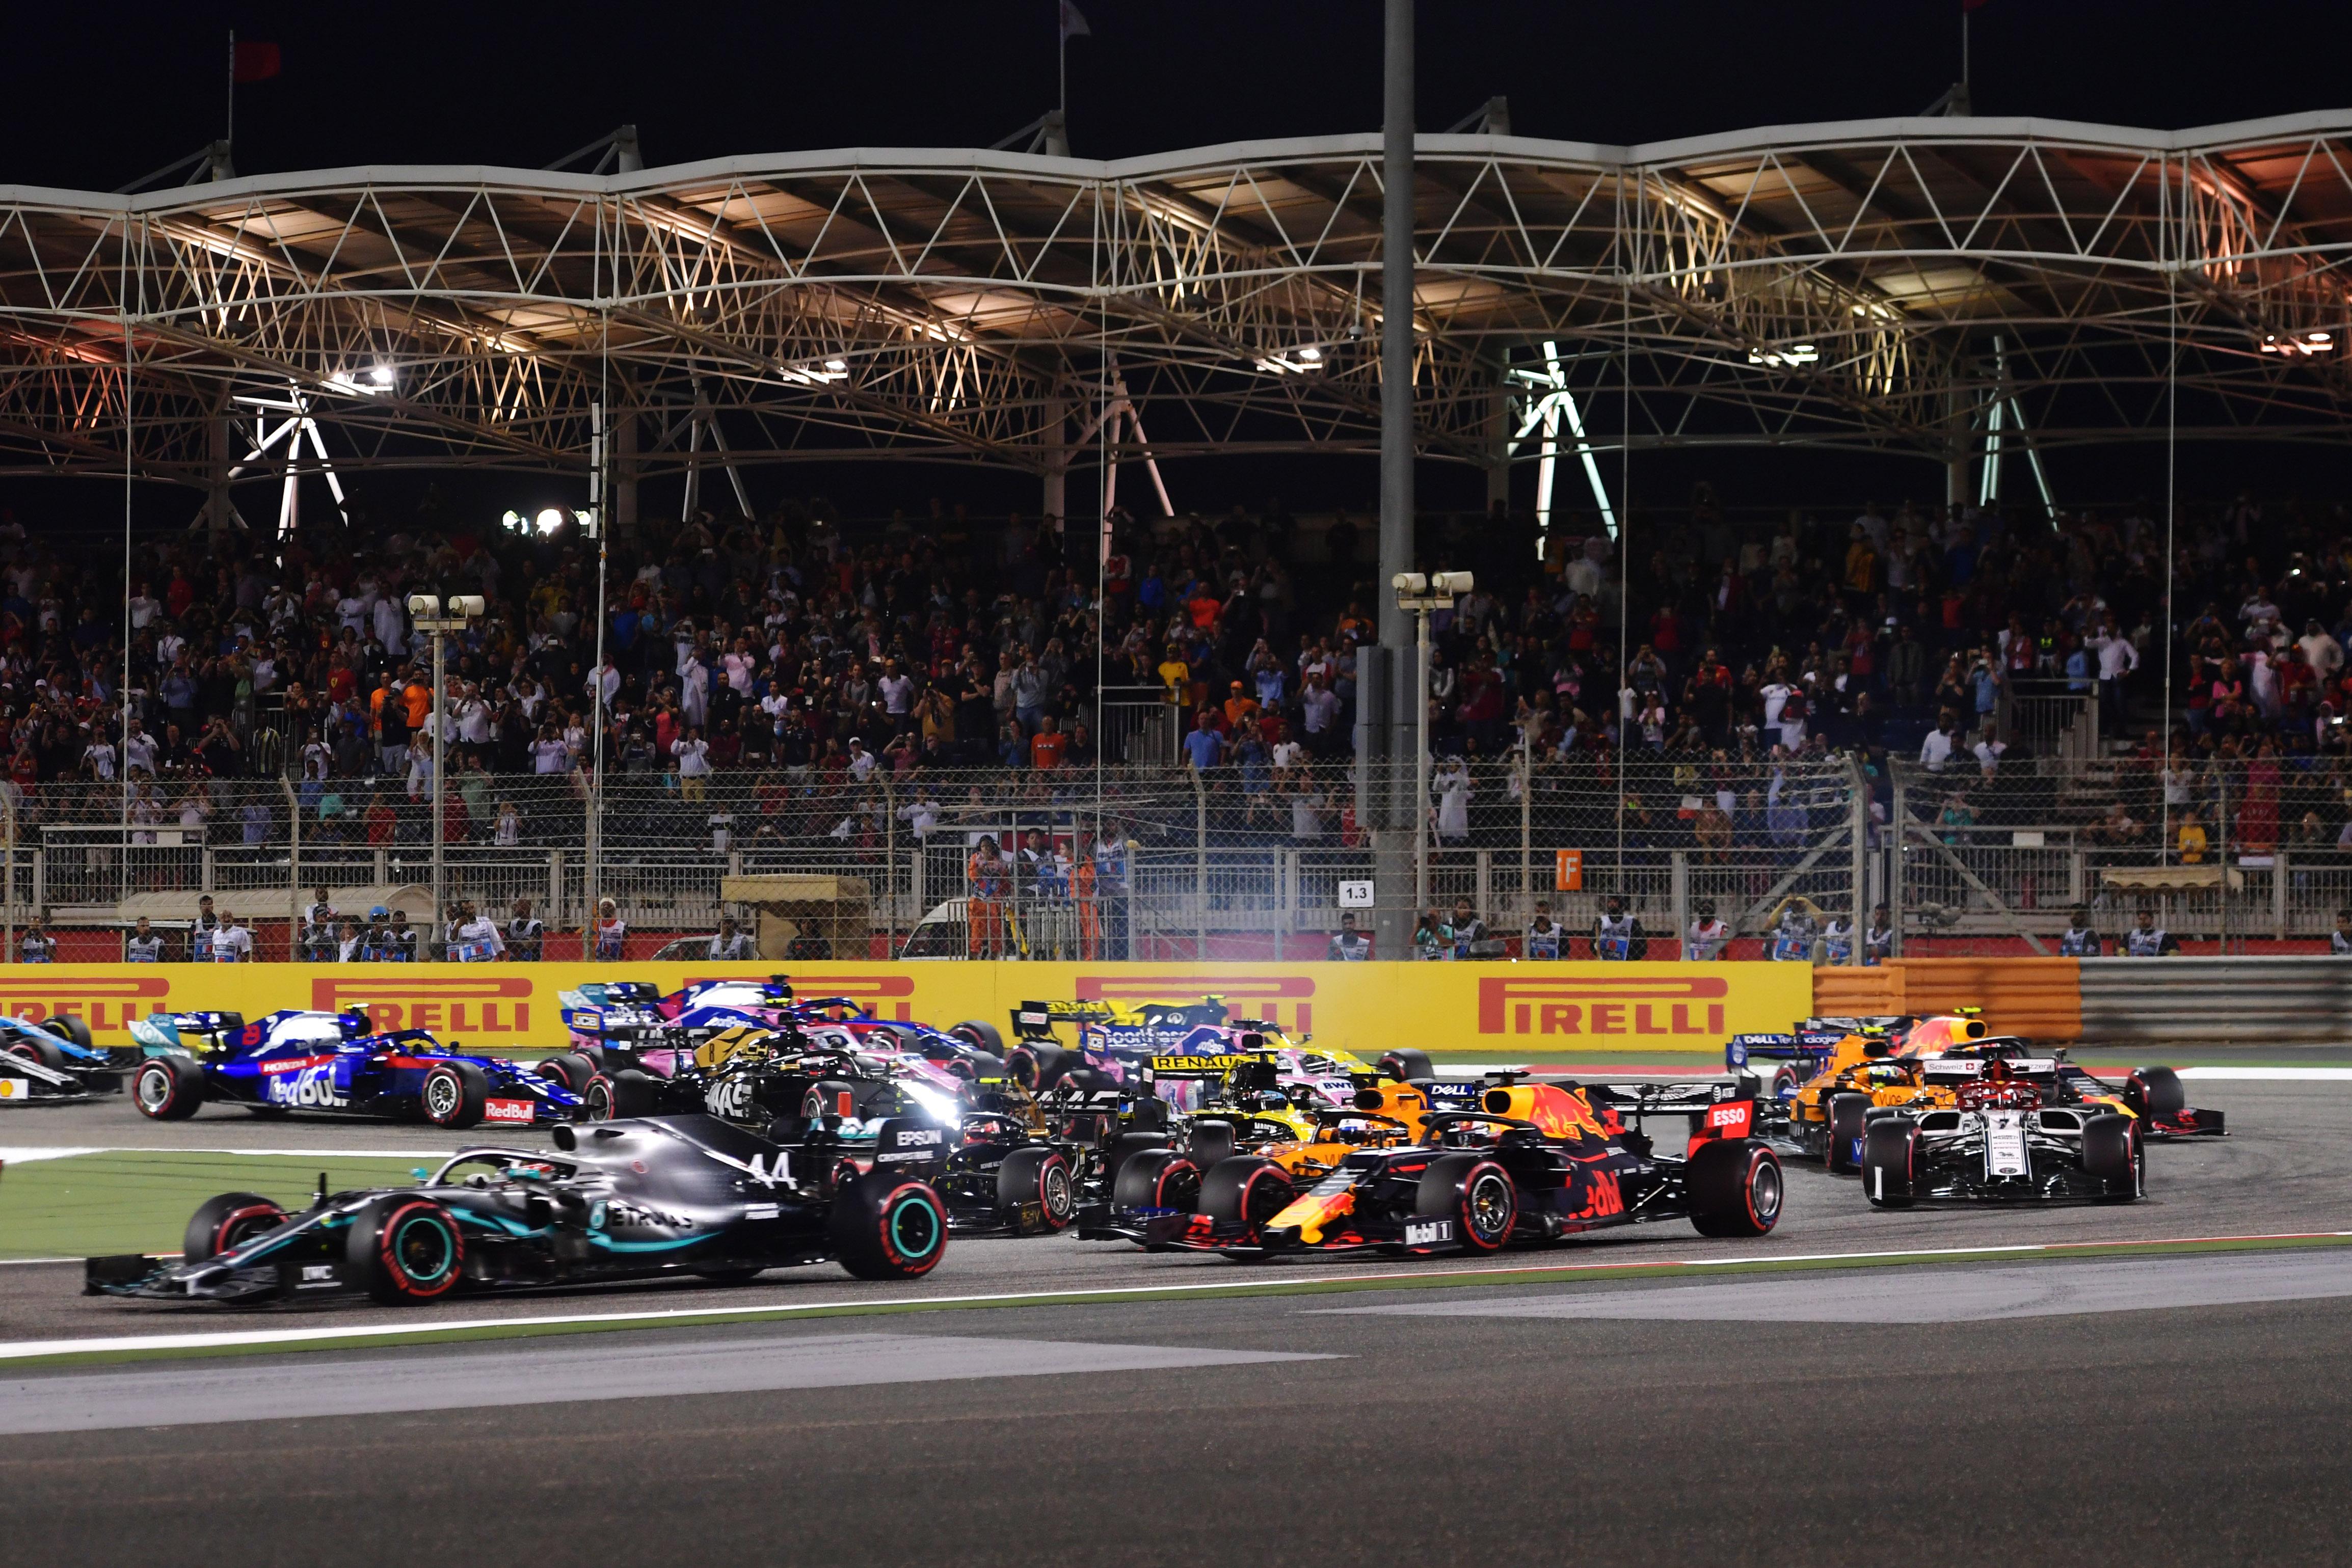 Hivatalos: Zárt kapuk mögött rendezik az F1-es Bahreini Nagydíjat